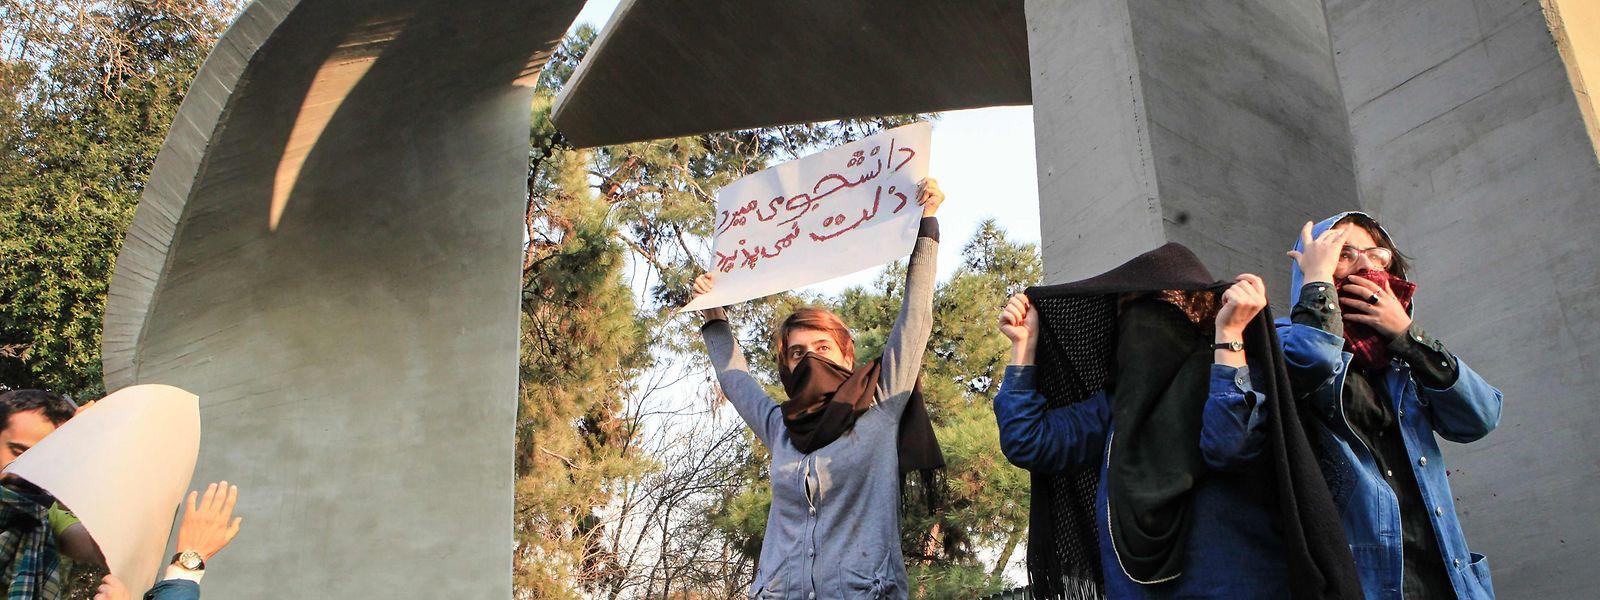 Studenten an der Universität von Teheran protestieren gegen die Wirtschaftspolitik.